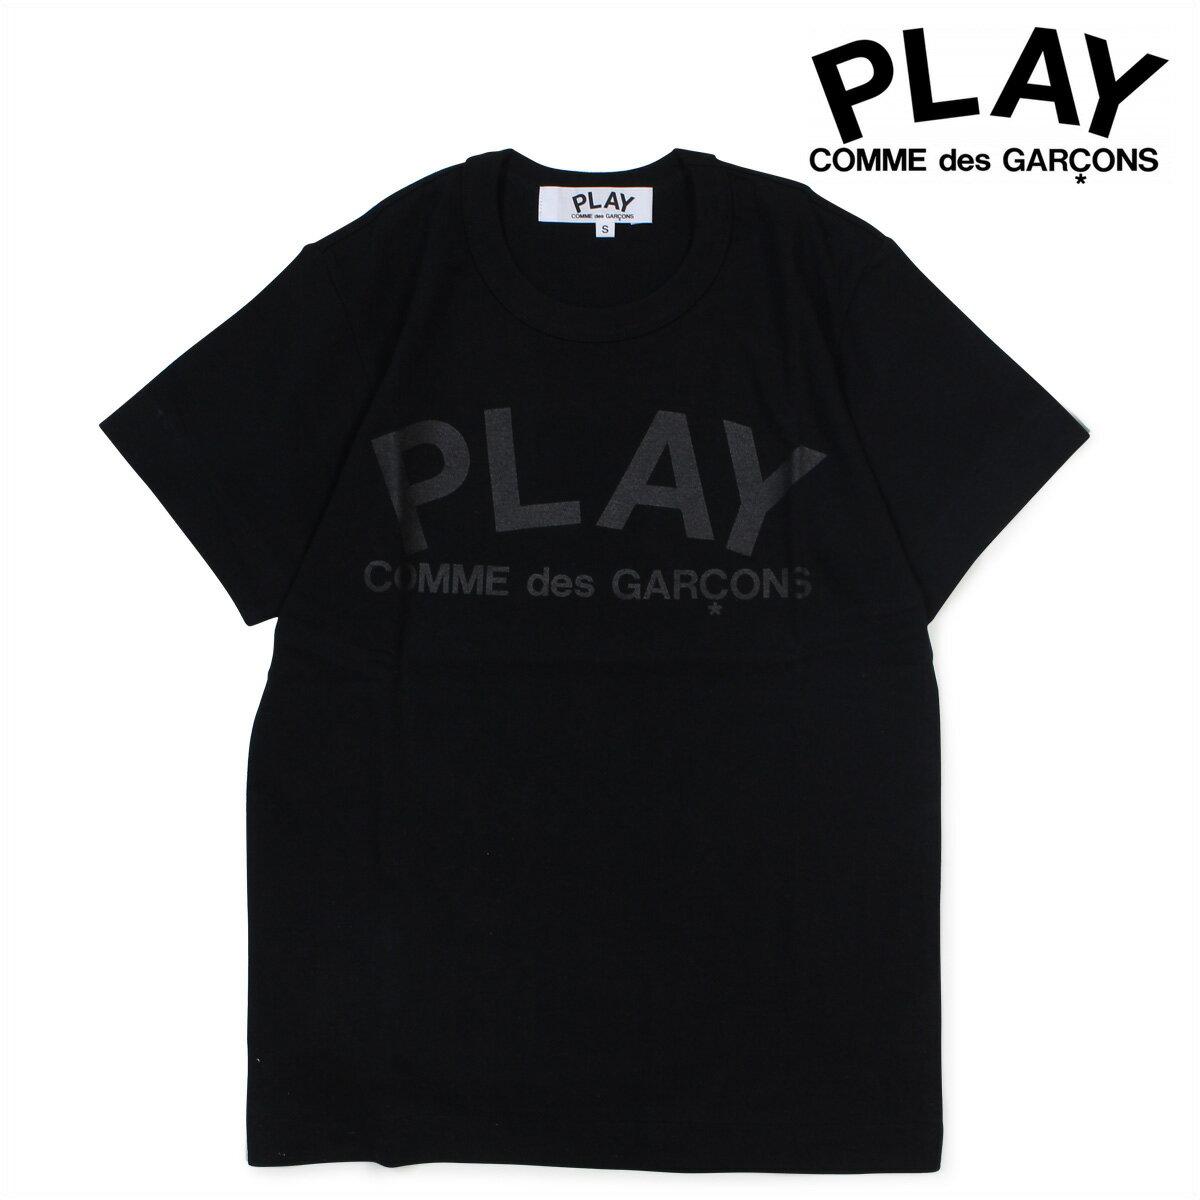 コムデギャルソン PLAY Tシャツ 半袖 COMME des GARCONS レディース PLAY T-SHIRT AZ-T187 ブラック